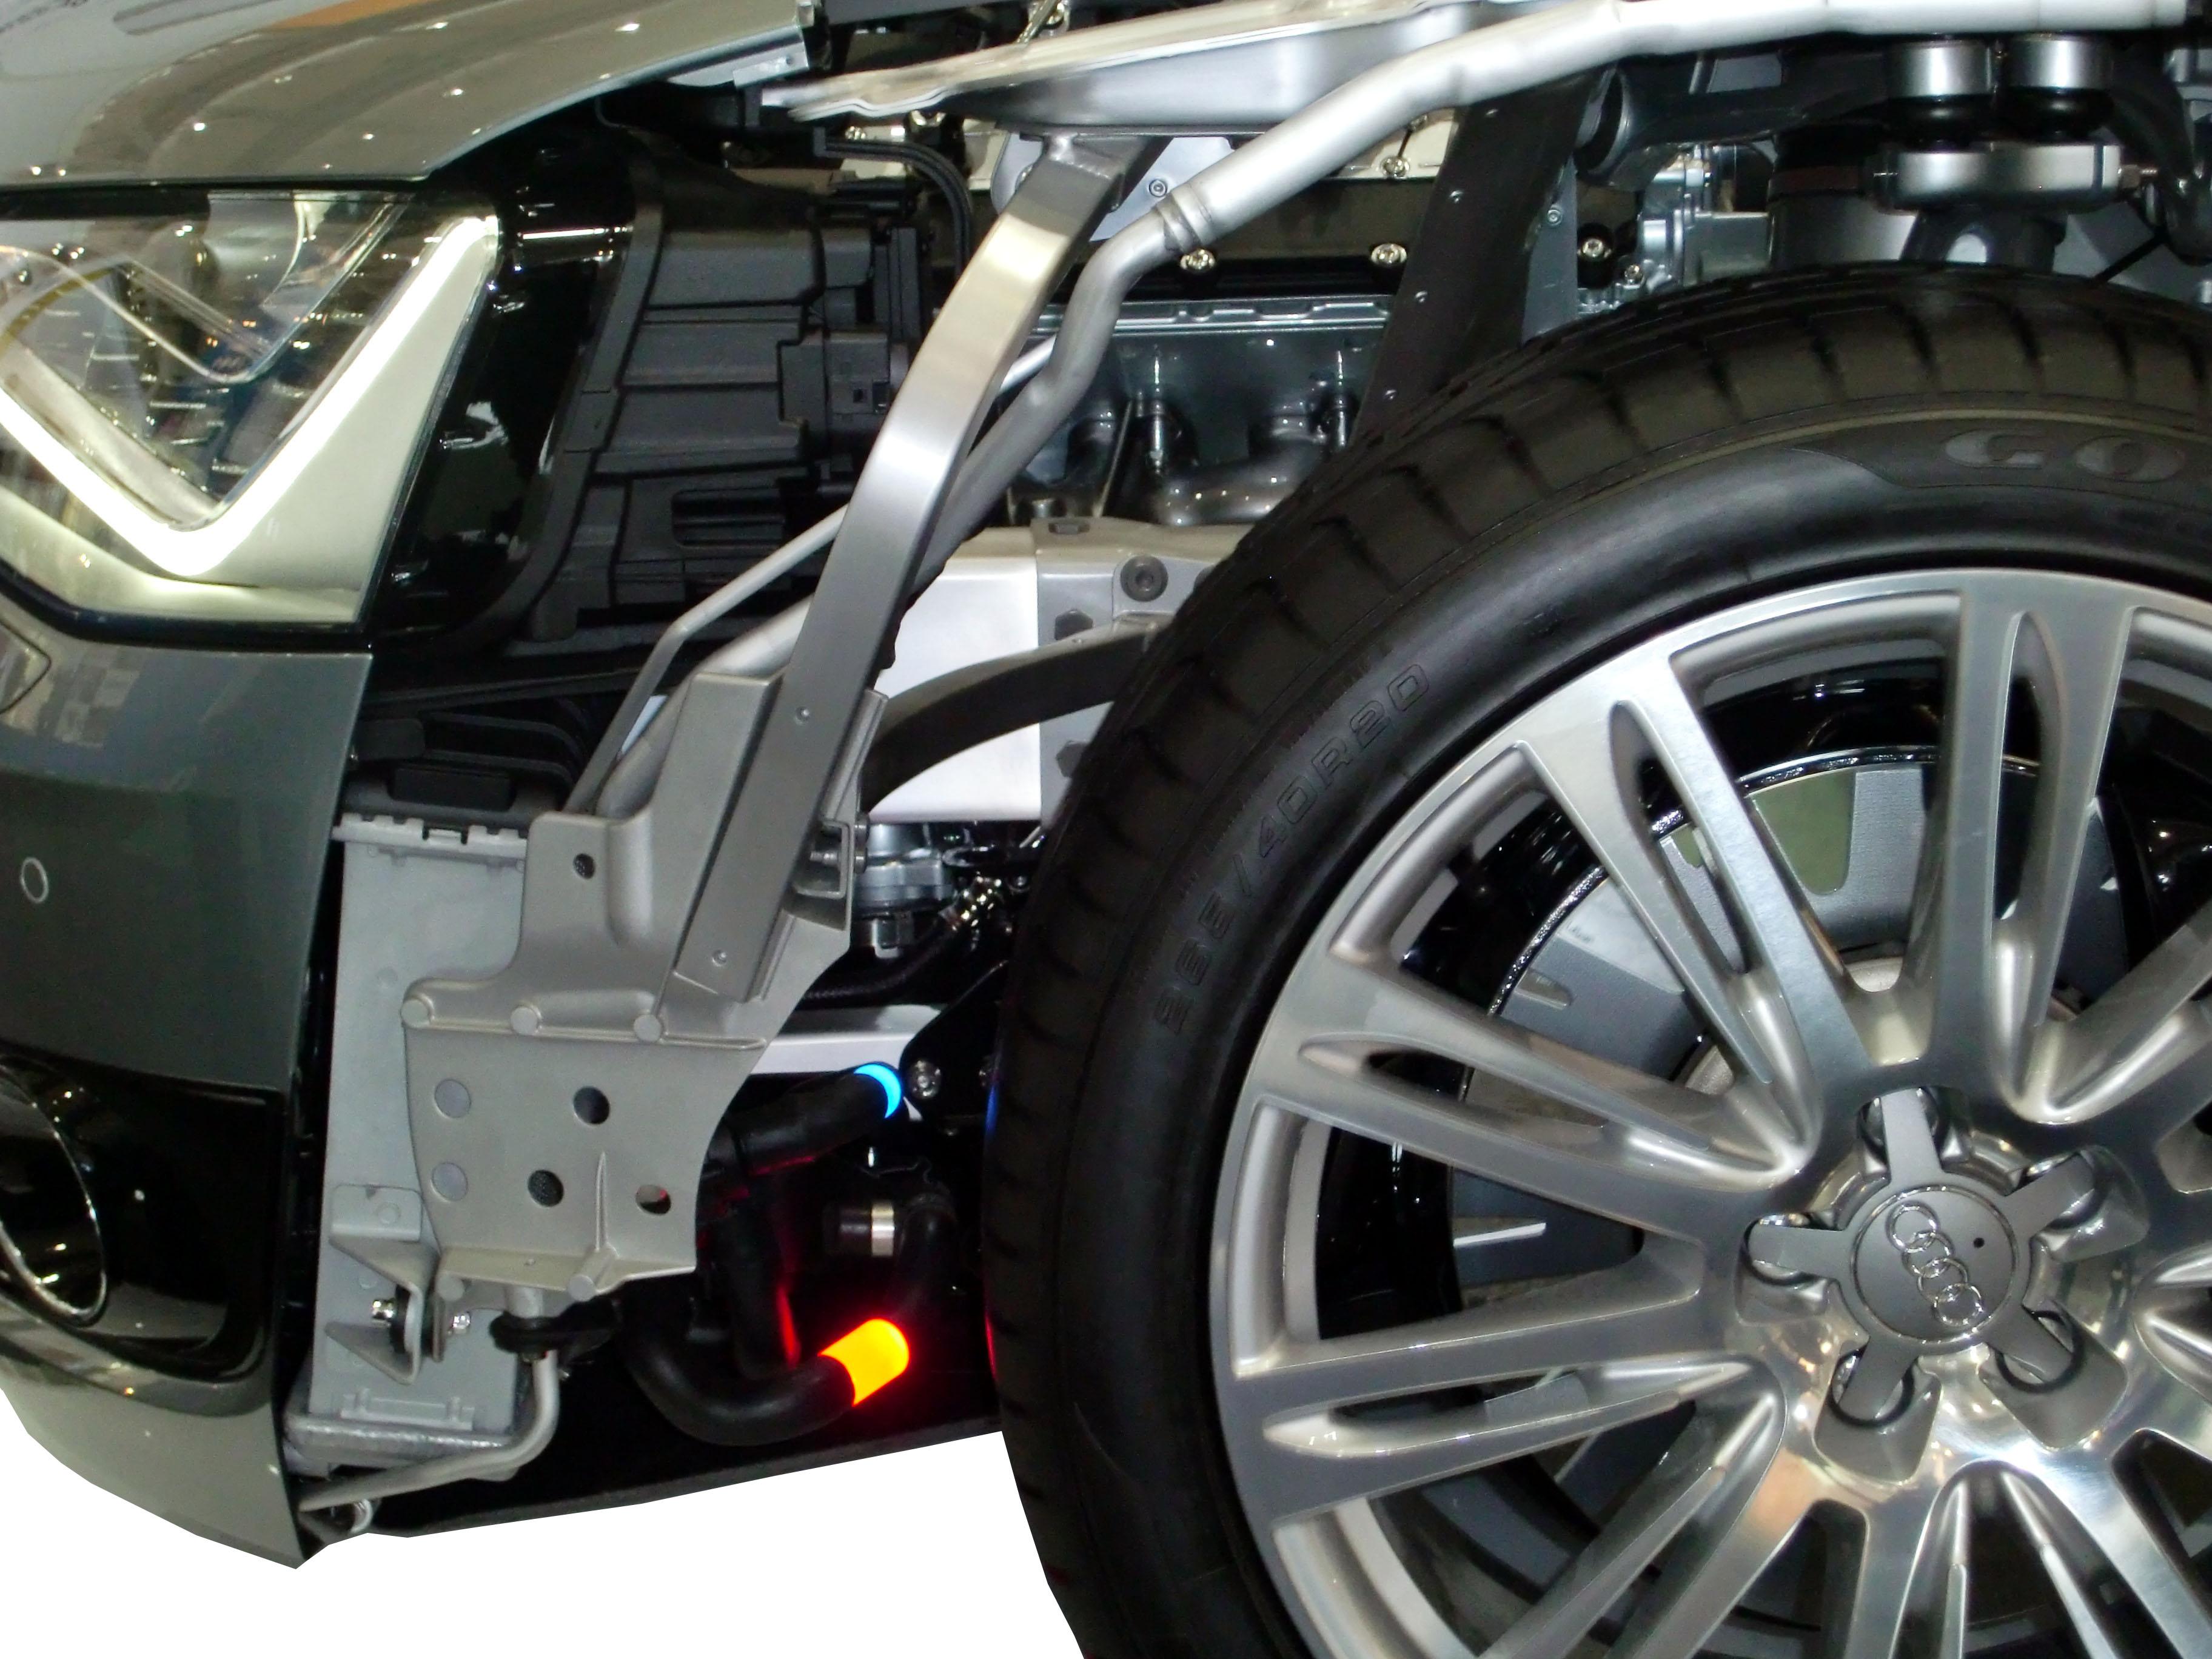 Blick in den Vorderwagen eines Audi A8 Schnittmodelles